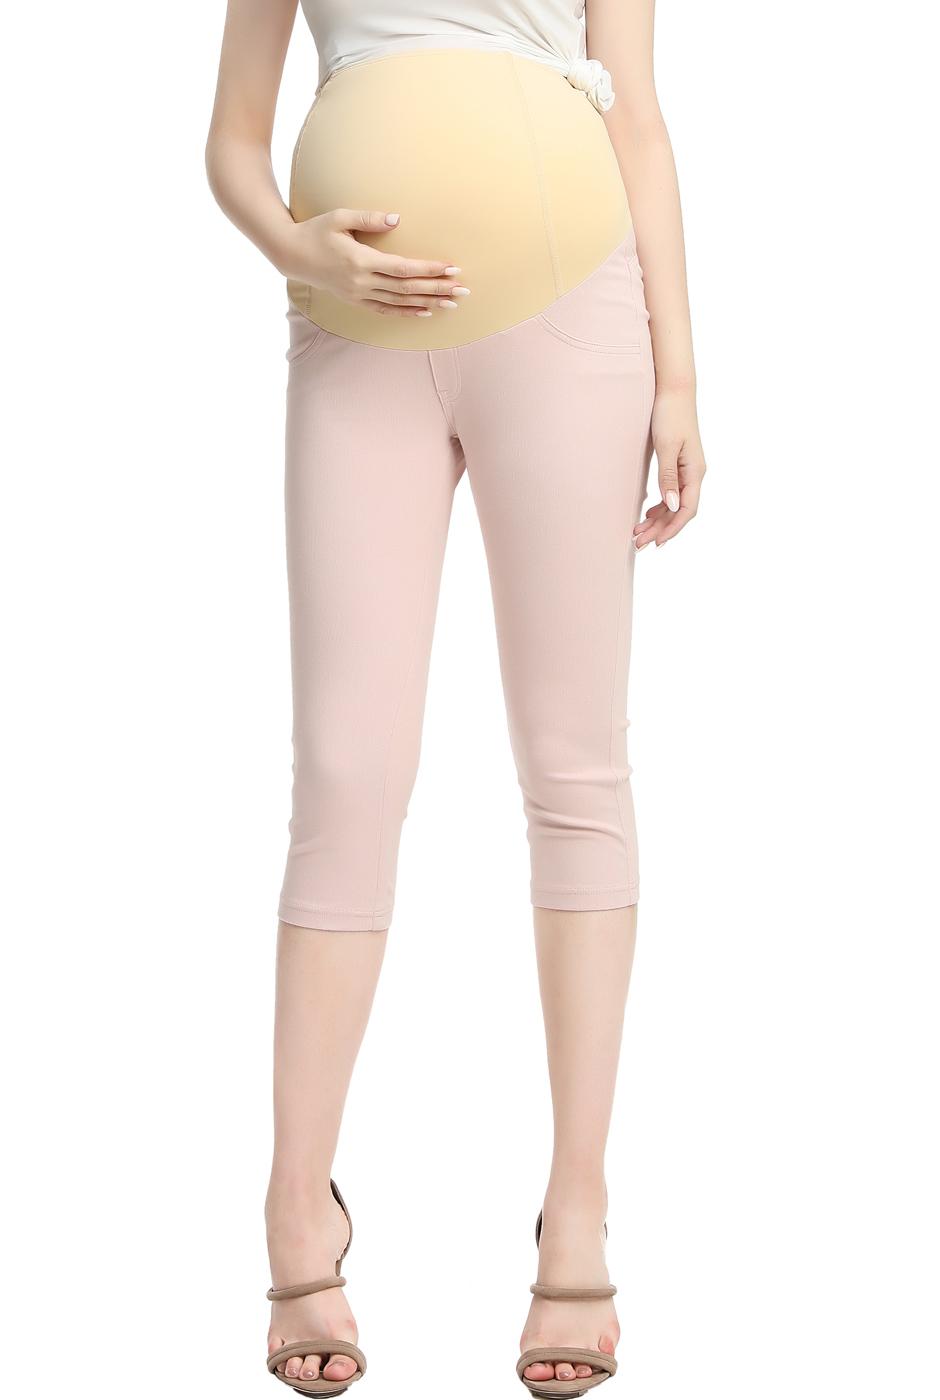 Maternity Women's Capri Jeggings - Blush XL